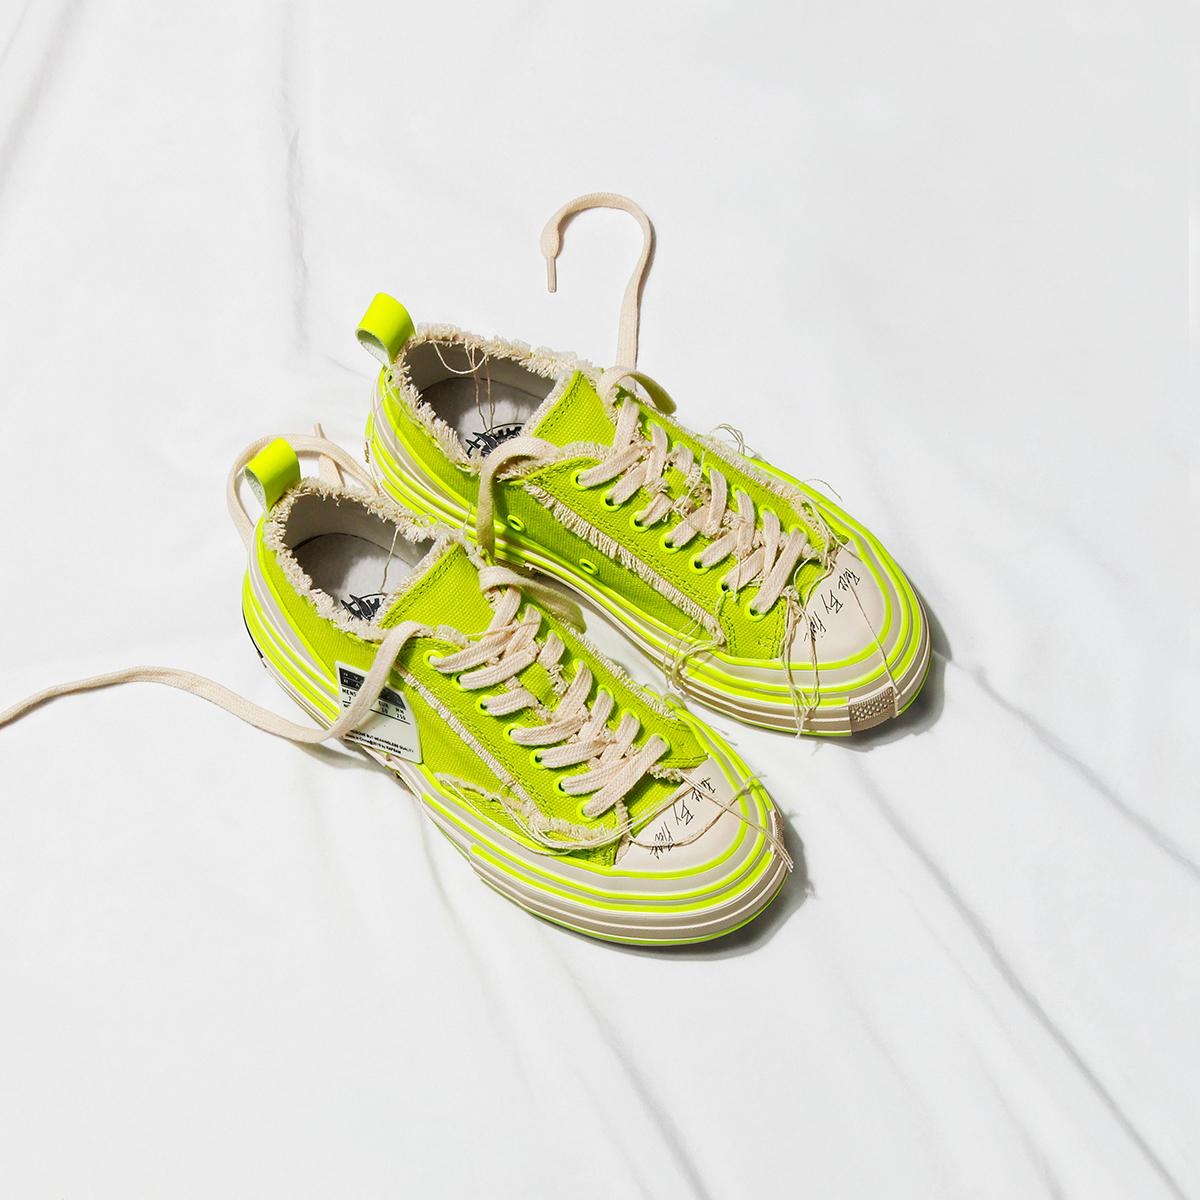 绿色厚底鞋 makingarocket19夏季新款日系原宿ulzzang荧光绿色厚底乞丐帆布鞋_推荐淘宝好看的绿色厚底鞋